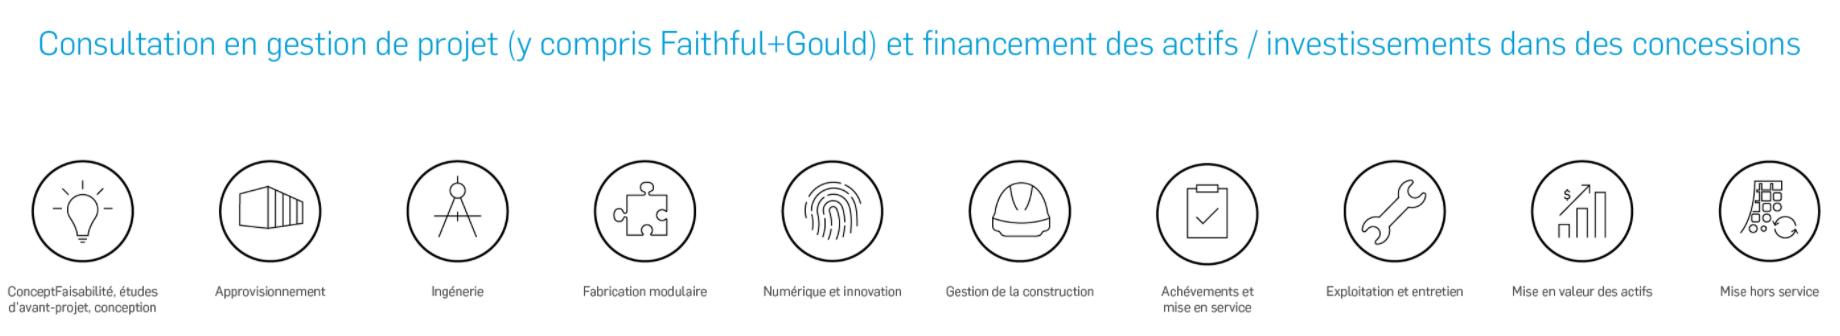 SNC-Lavalin - étapes de consultation en gestion de projet